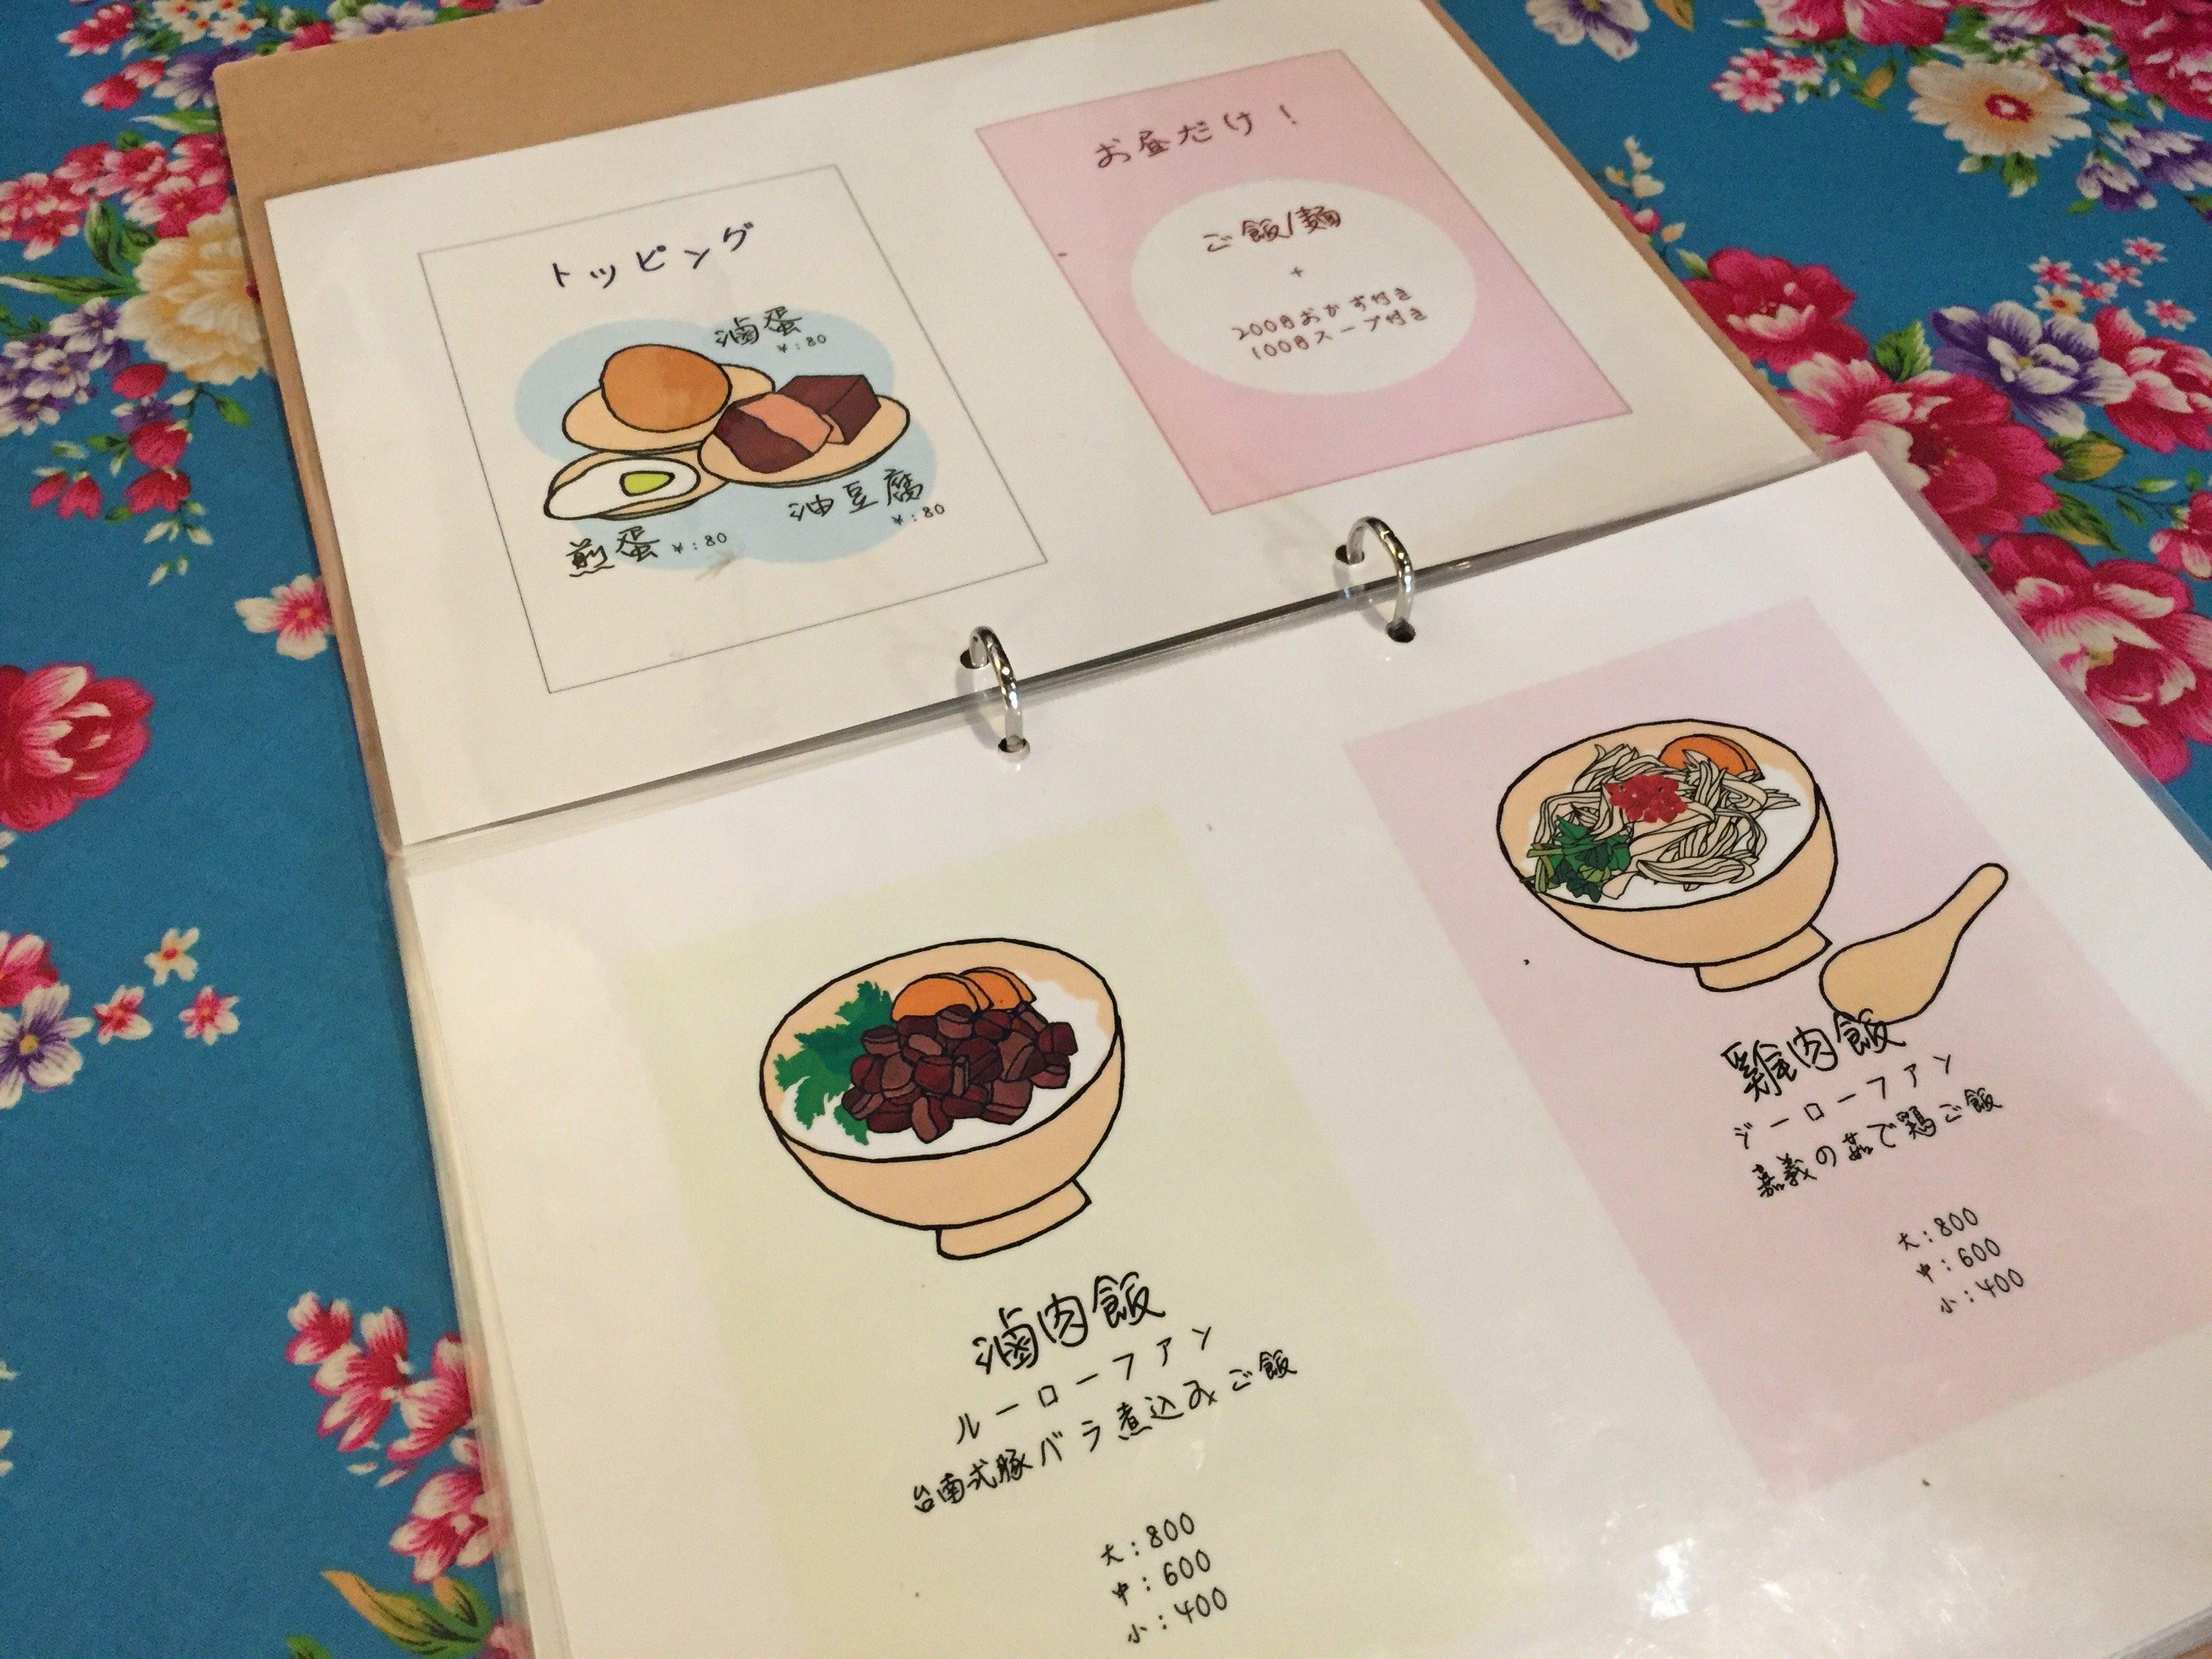 微風台南 神宮丸太町 台湾料理 メニュー